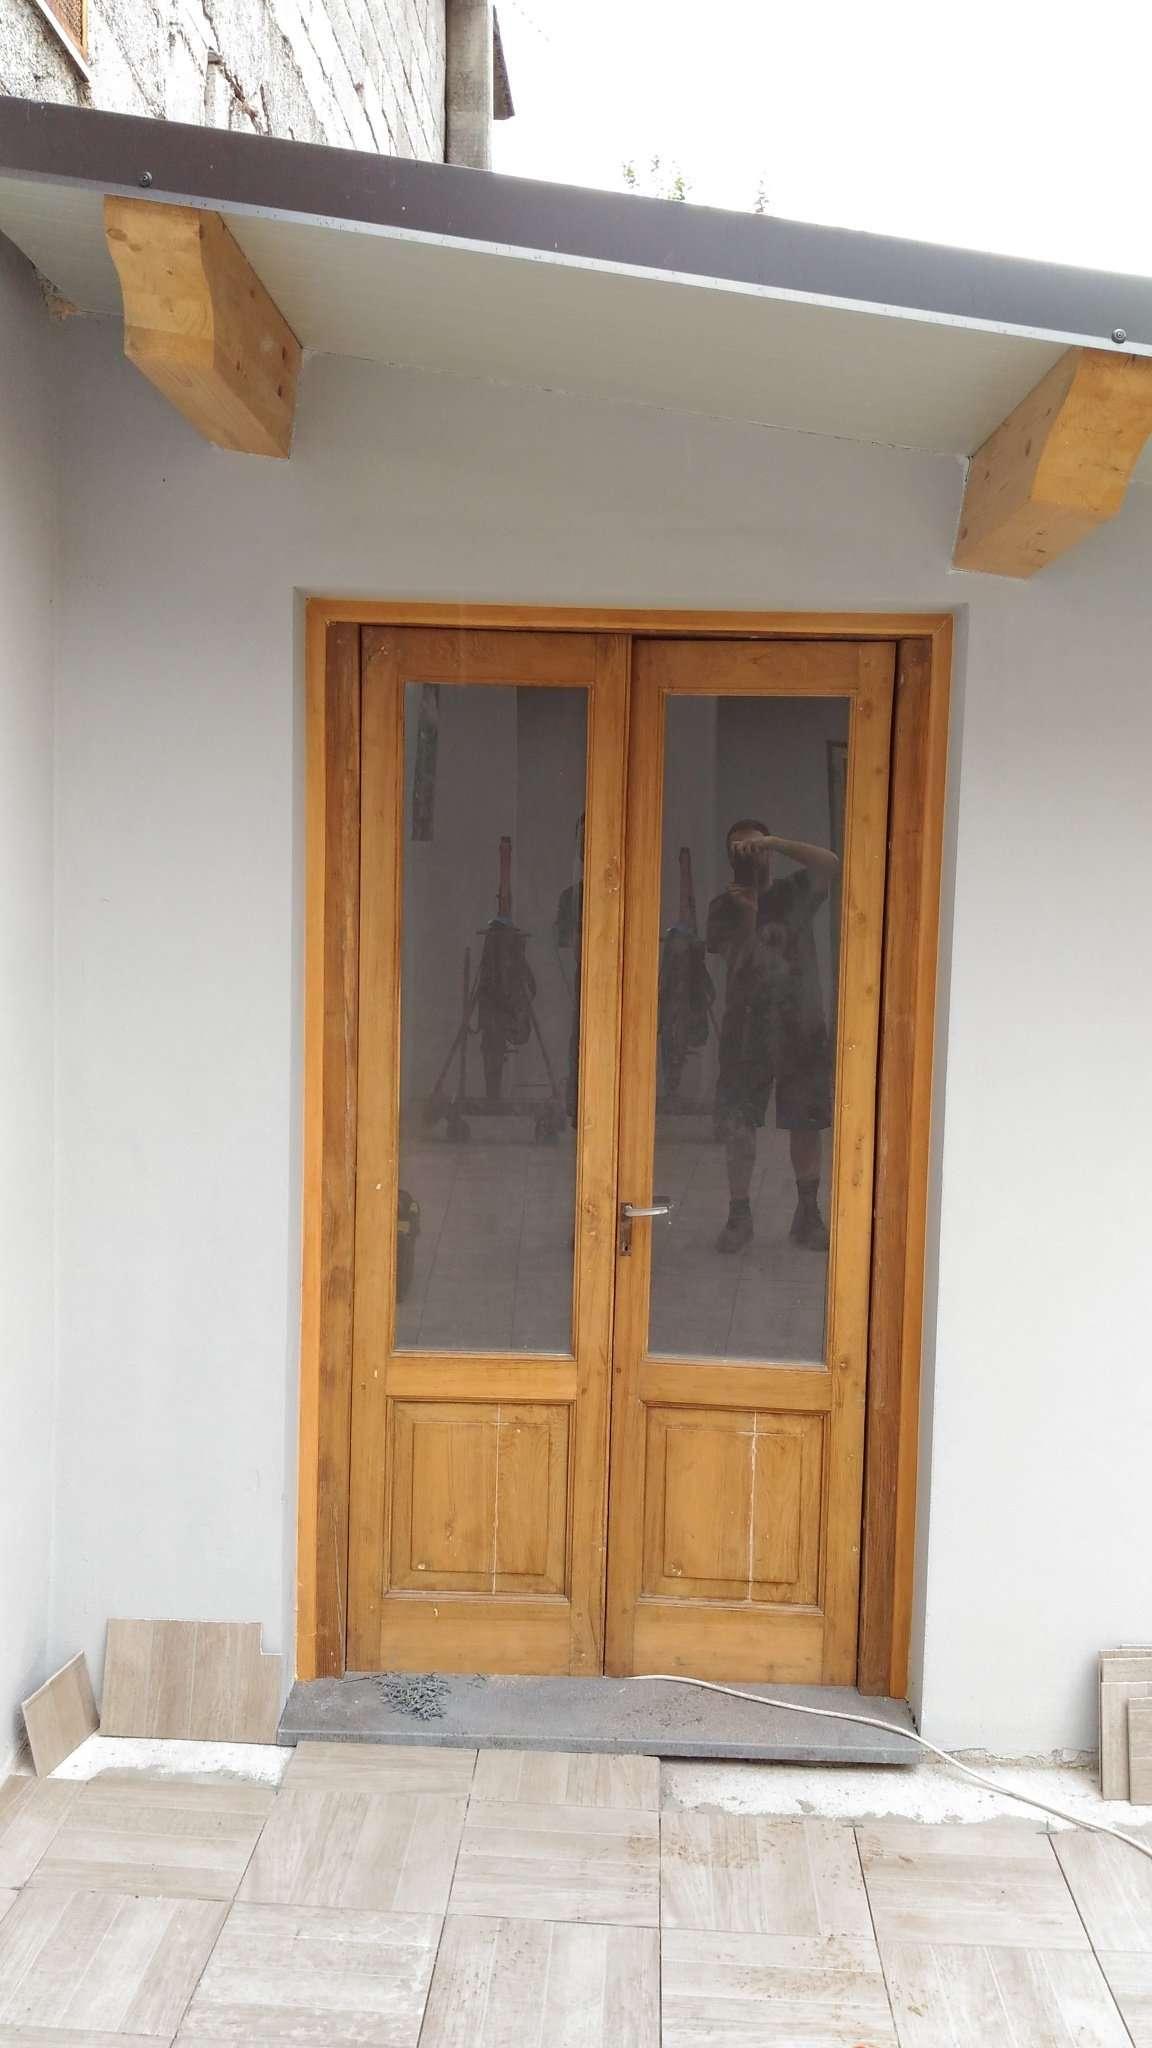 Ristrutturazione di un infisso ed una porta in legno di castagno - Ristrutturazione mobili legno ...